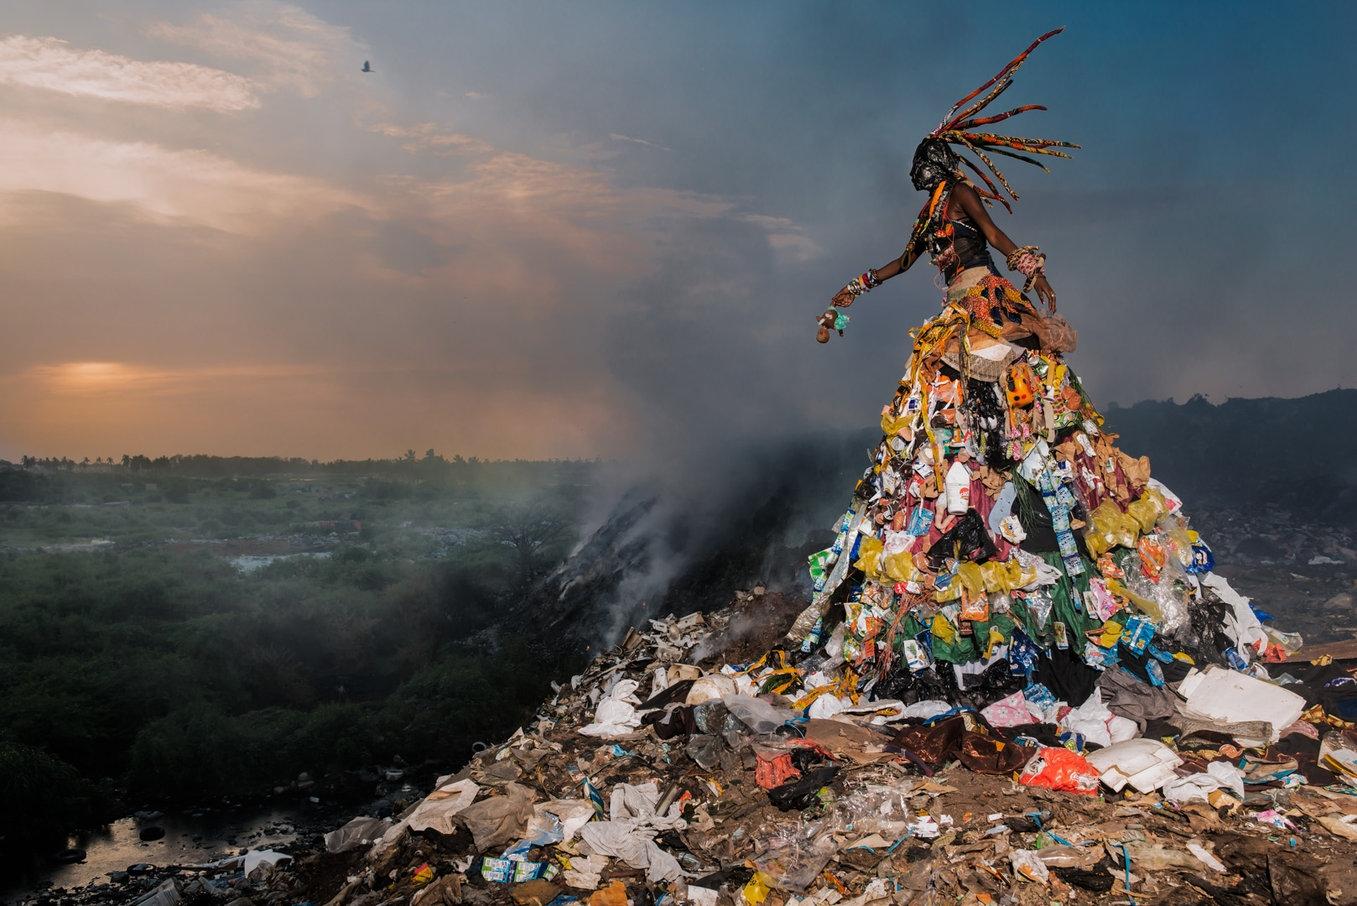 Çevre Kirliliğini Önlemek İçin Neler Yapmalıyız?